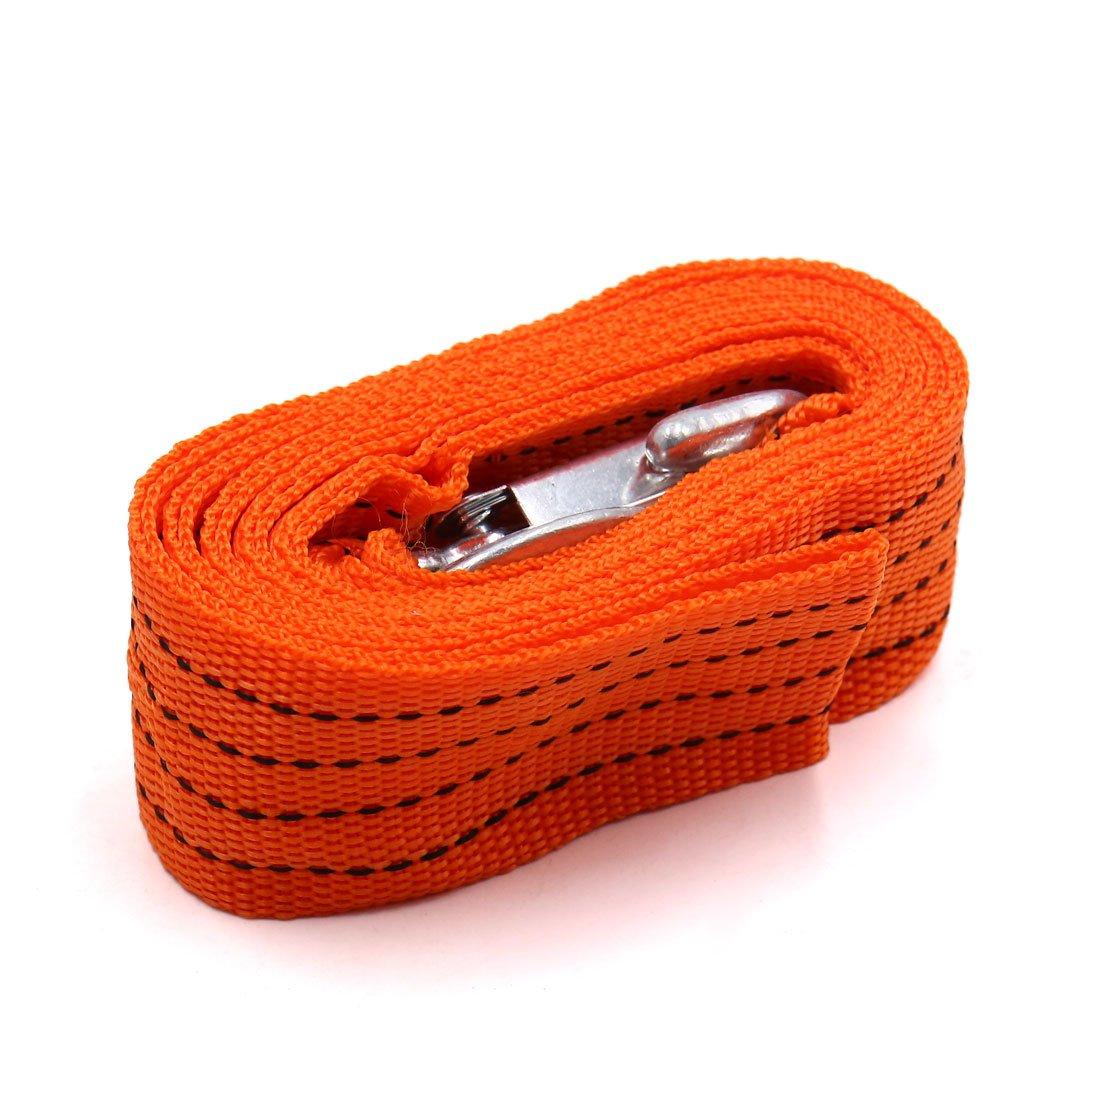 sourcing map Sangle remorquage d'urgence 3tonne Corde 300cm Long Orange w 2crochets pour vé hicule